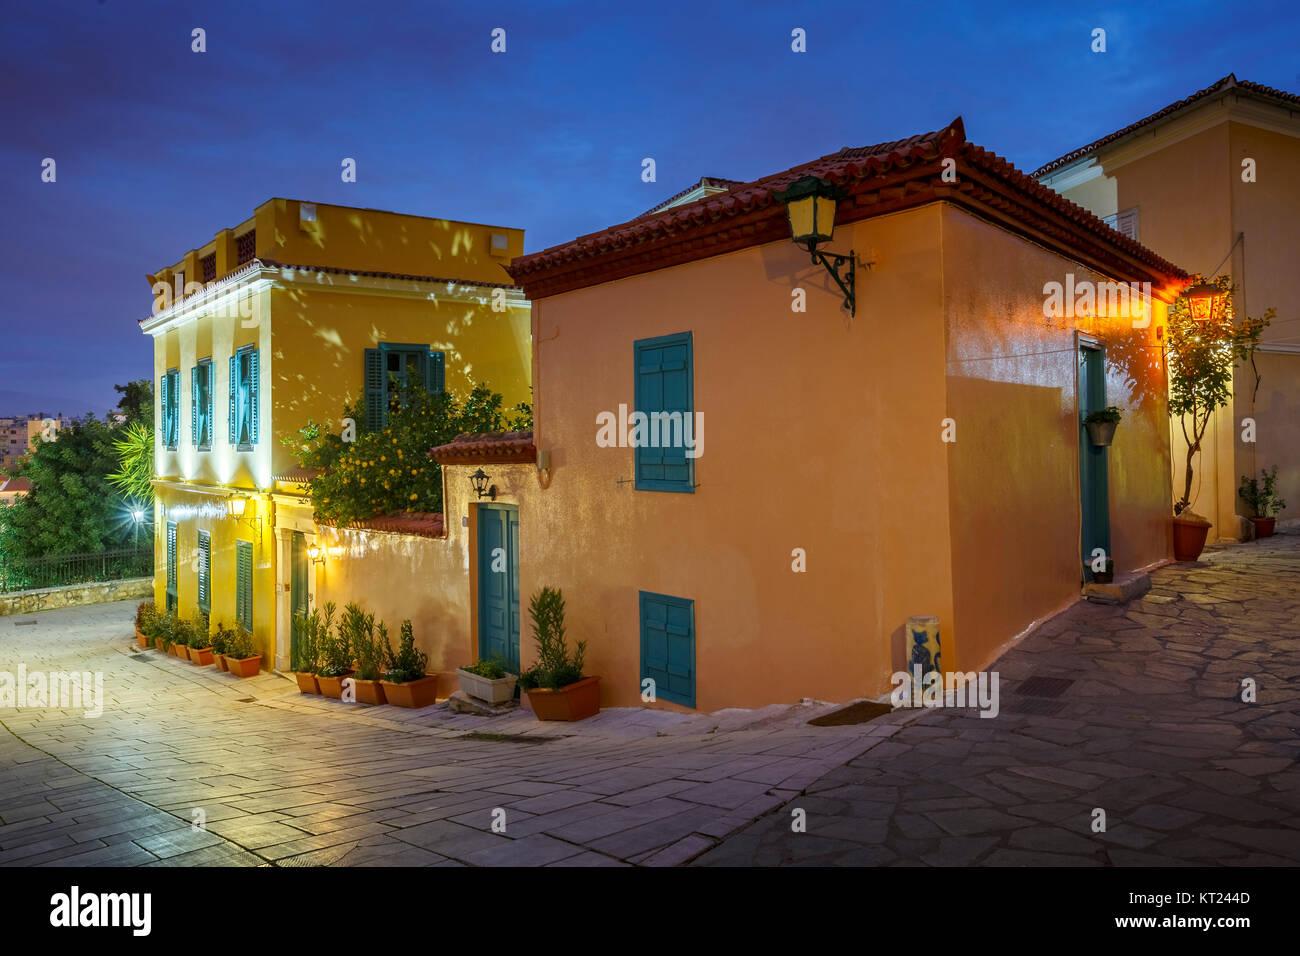 Architettura in Plaka, la città vecchia di Atene, Grecia. Immagini Stock